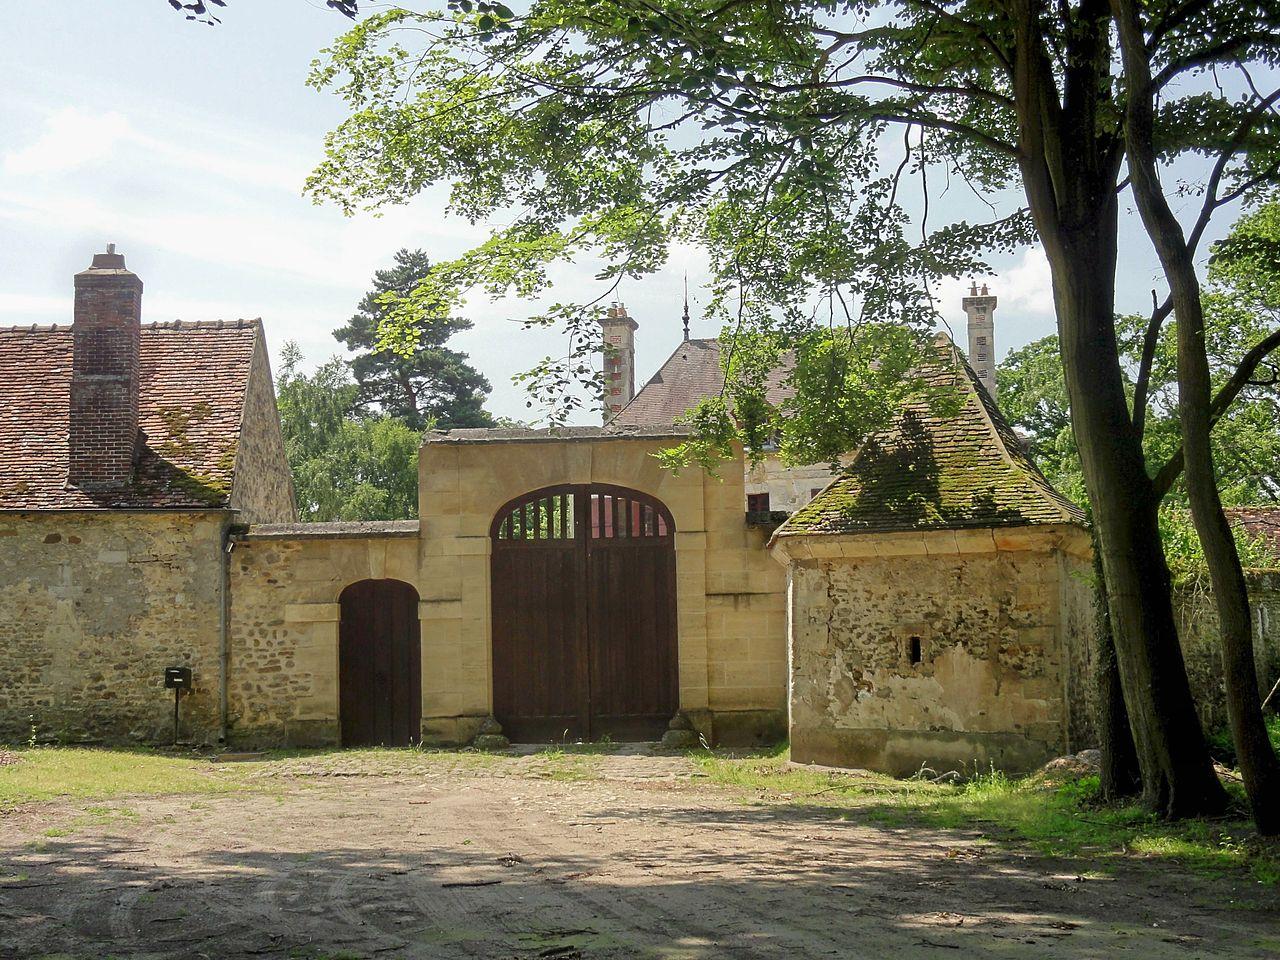 Fichier Saint Jean aux Bois (60), maison foresti u00e8re de la Muette 1 jpg u2014 Wikipédia # Saint Jean Au Bois